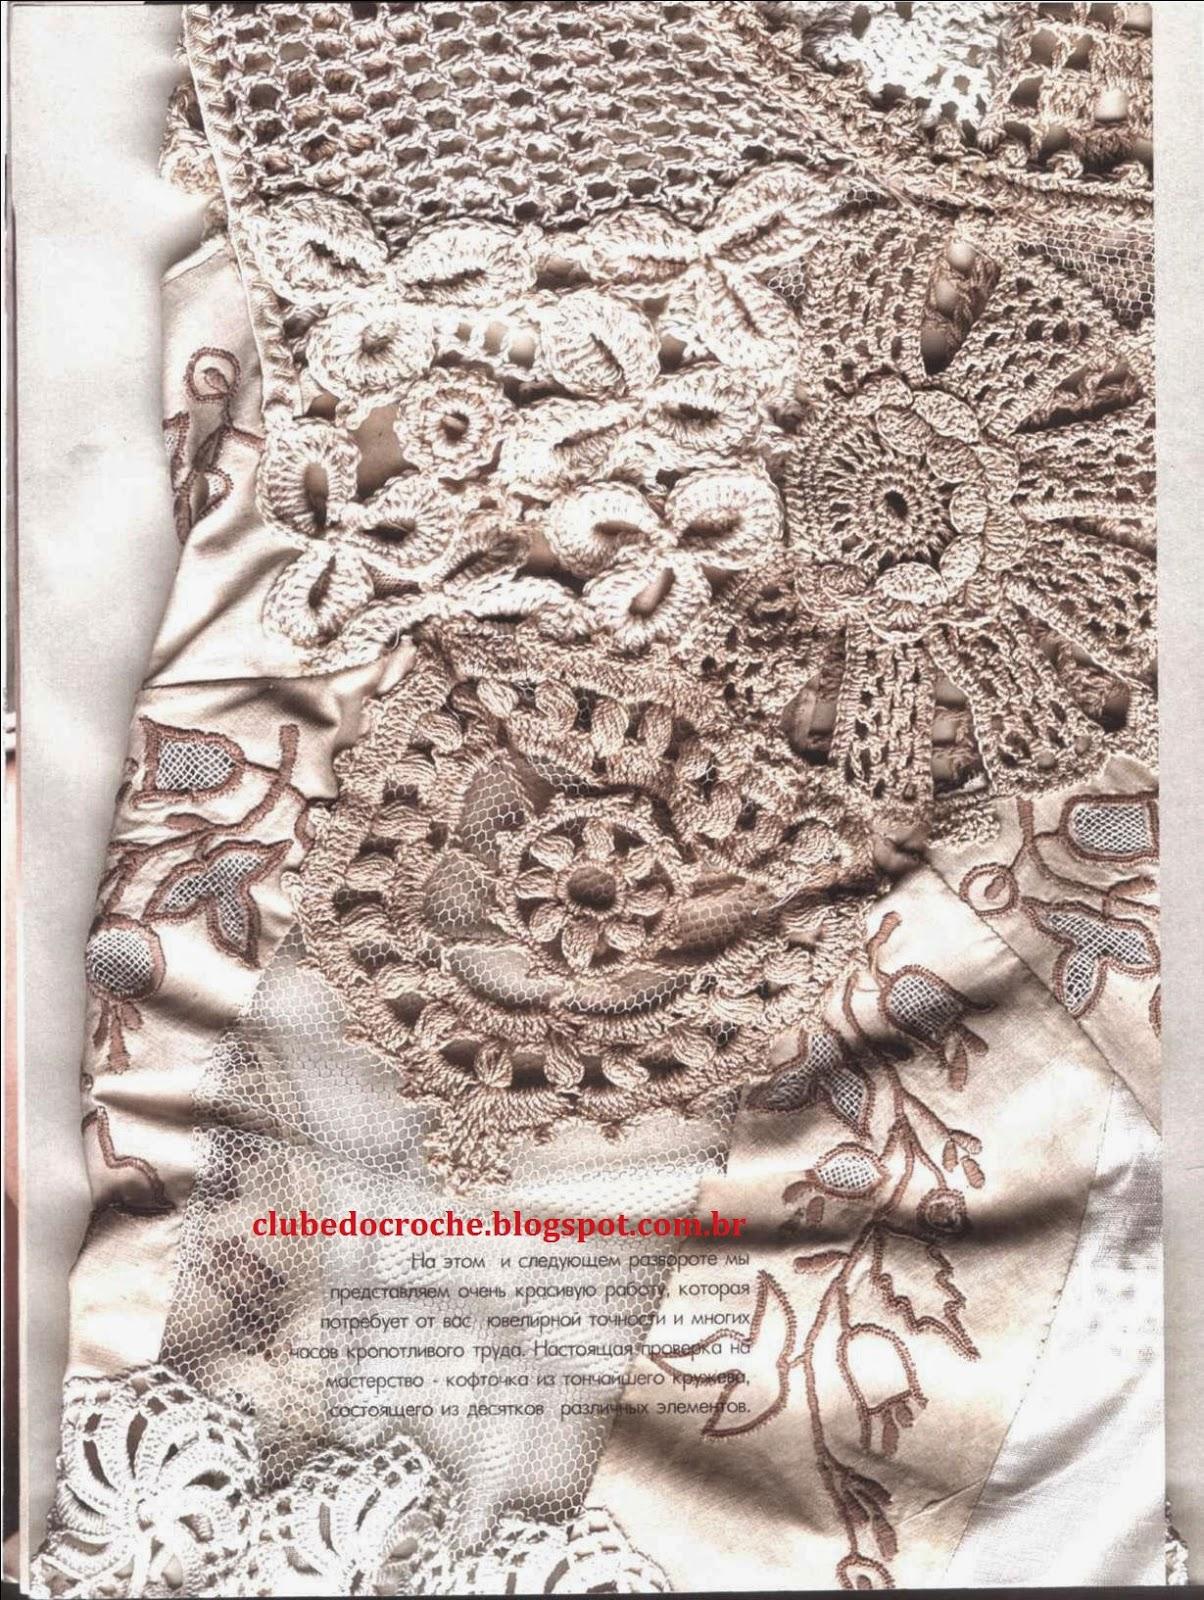 Clube do Crochê: Blusa Estilo Indiano (com gráficos) #9B3031 1204 1600